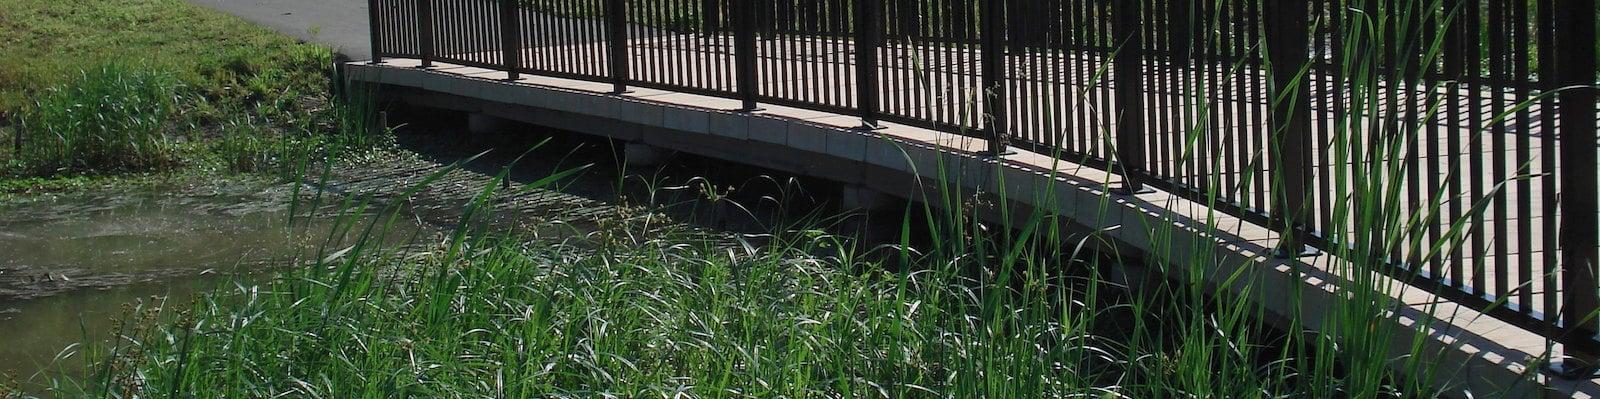 wetland_boardwalk_top_image.jpg